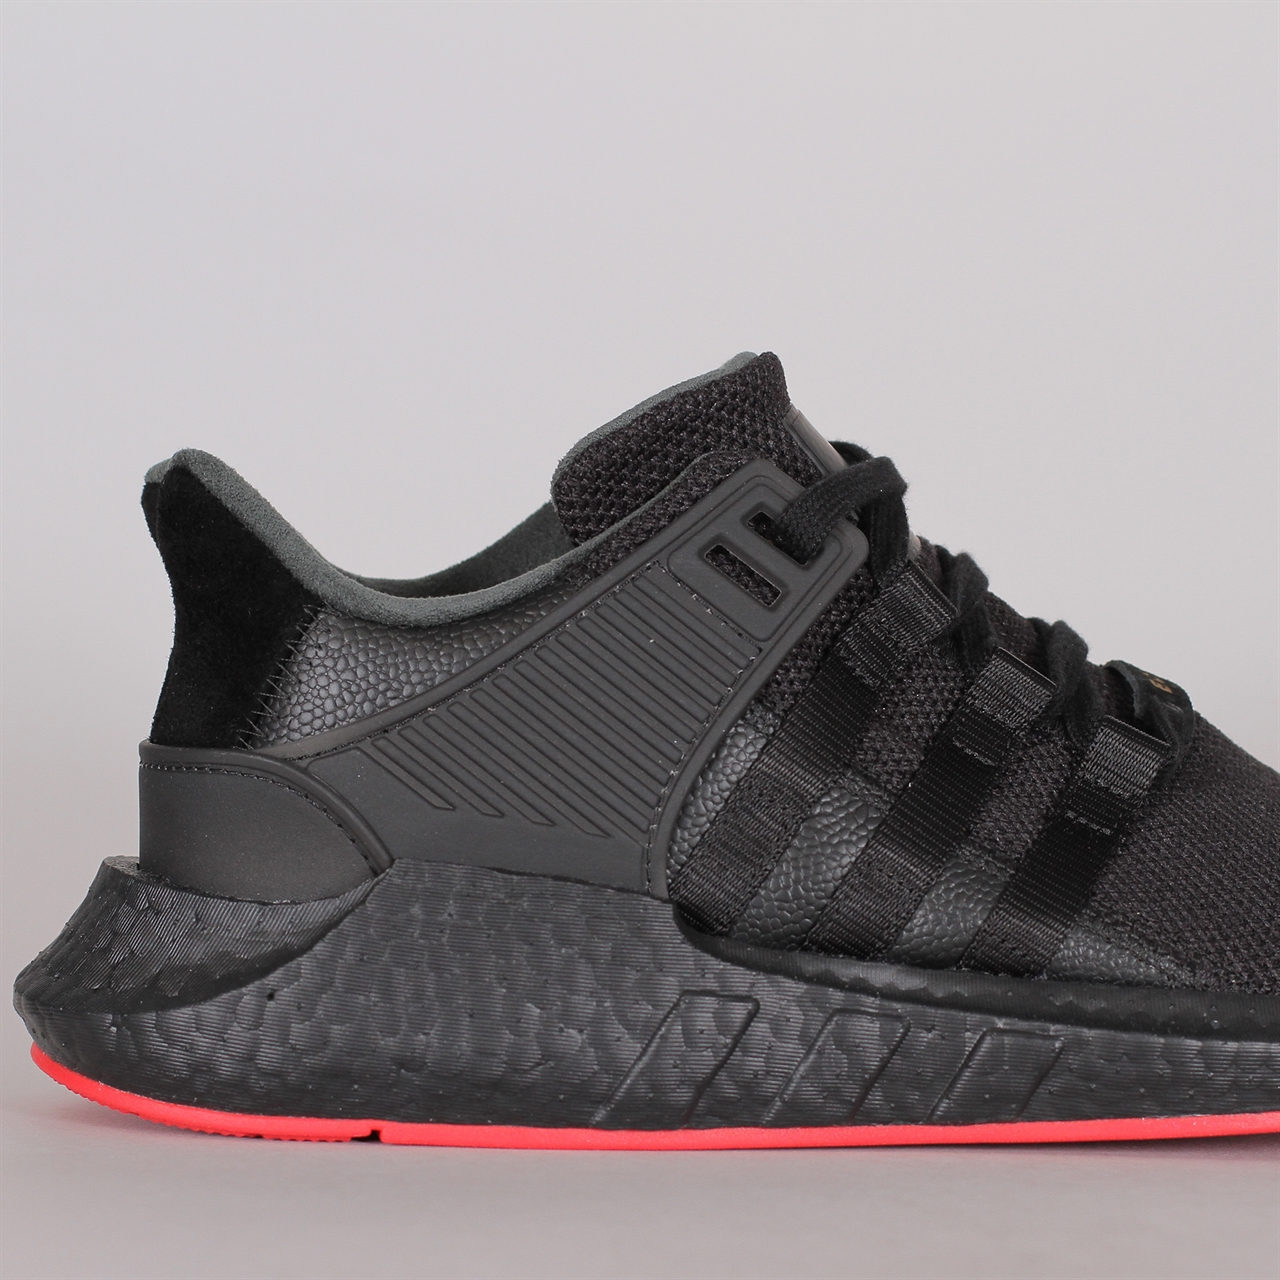 0c284773deb8 Shelta - Adidas Originals EQT Support 93 17 (CQ2394)